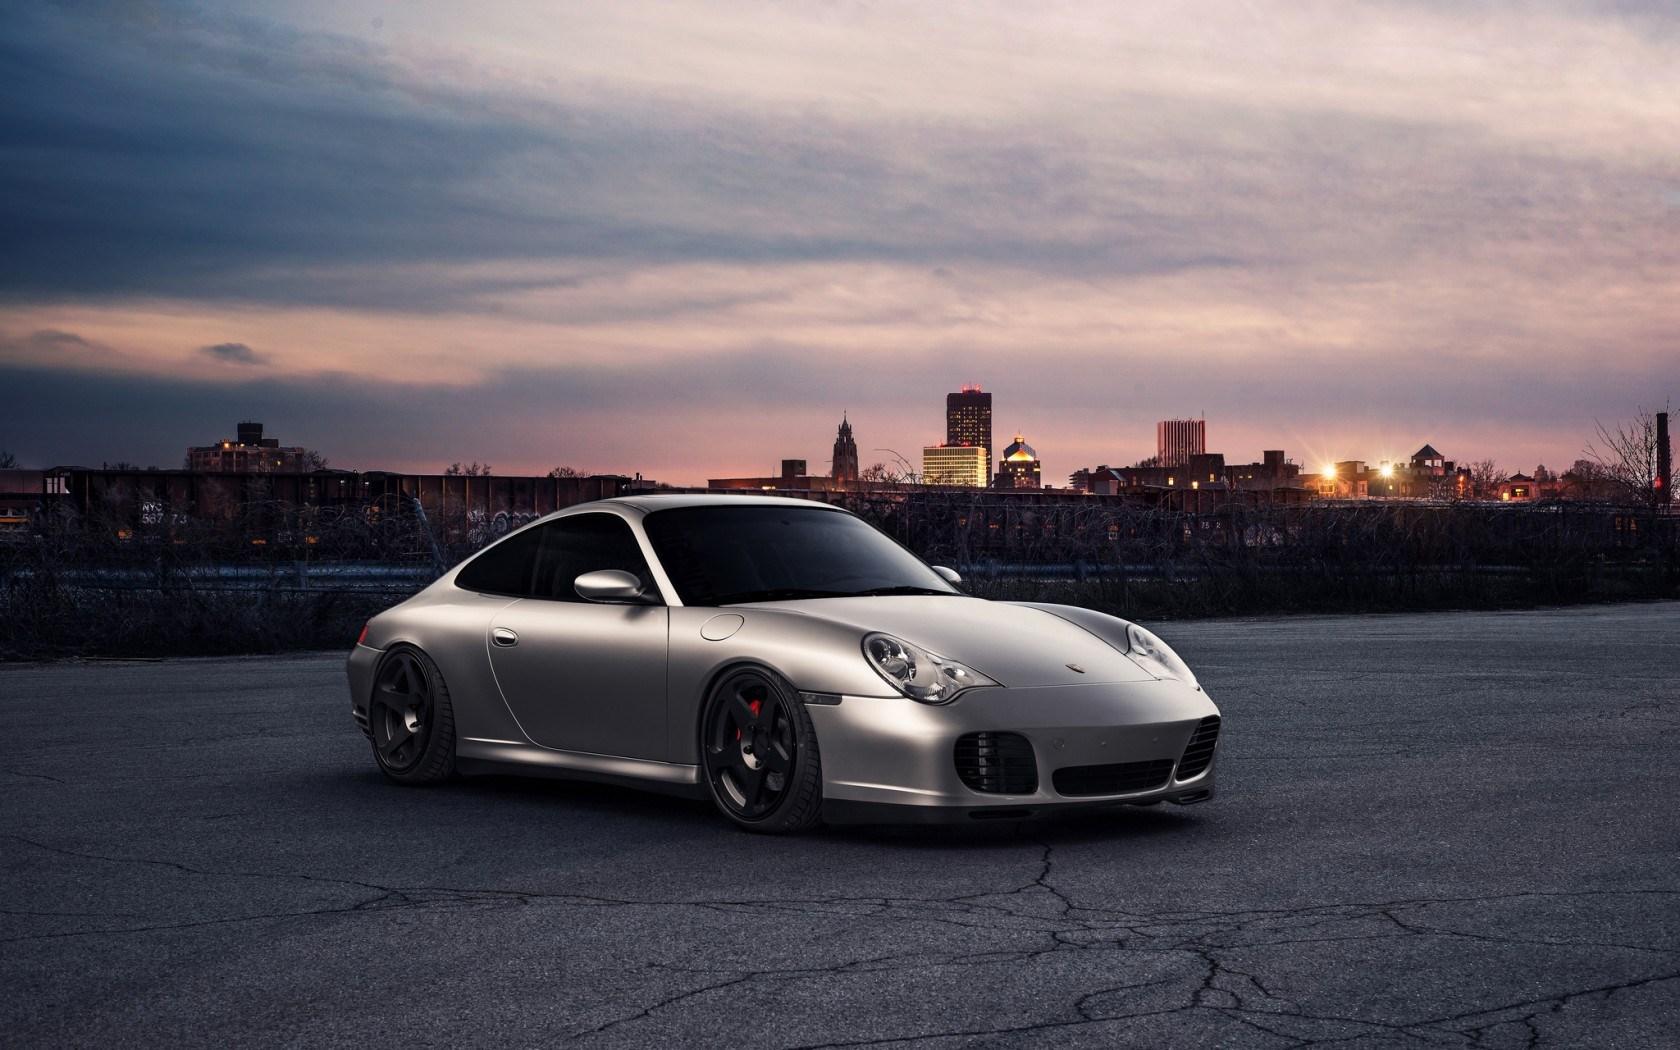 Awesome Porsche 911